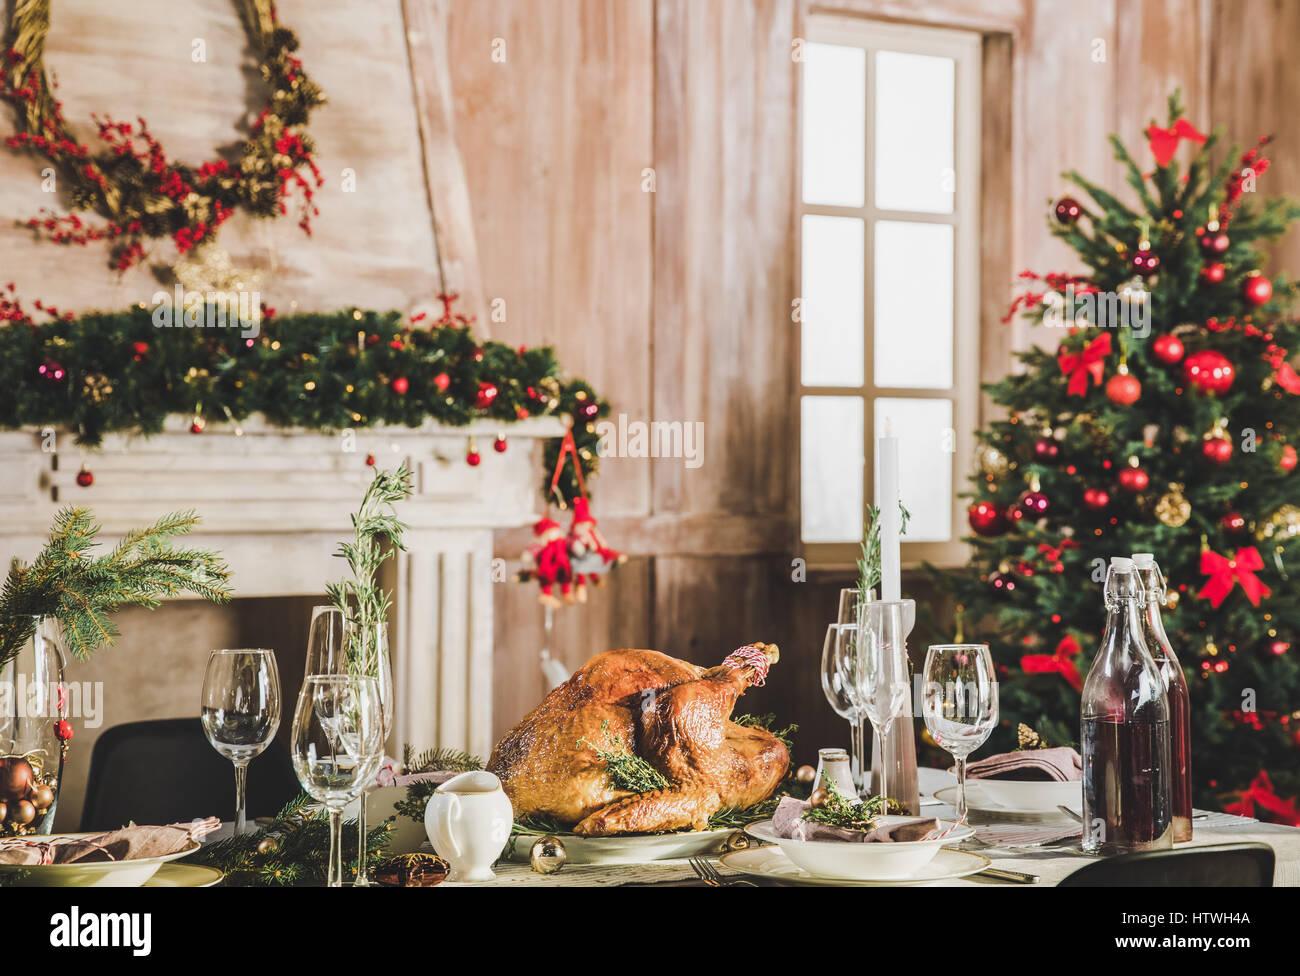 Lecker gebratene Pute auf serviert Urlaub Tisch dekoriert für Weihnachten Stockbild